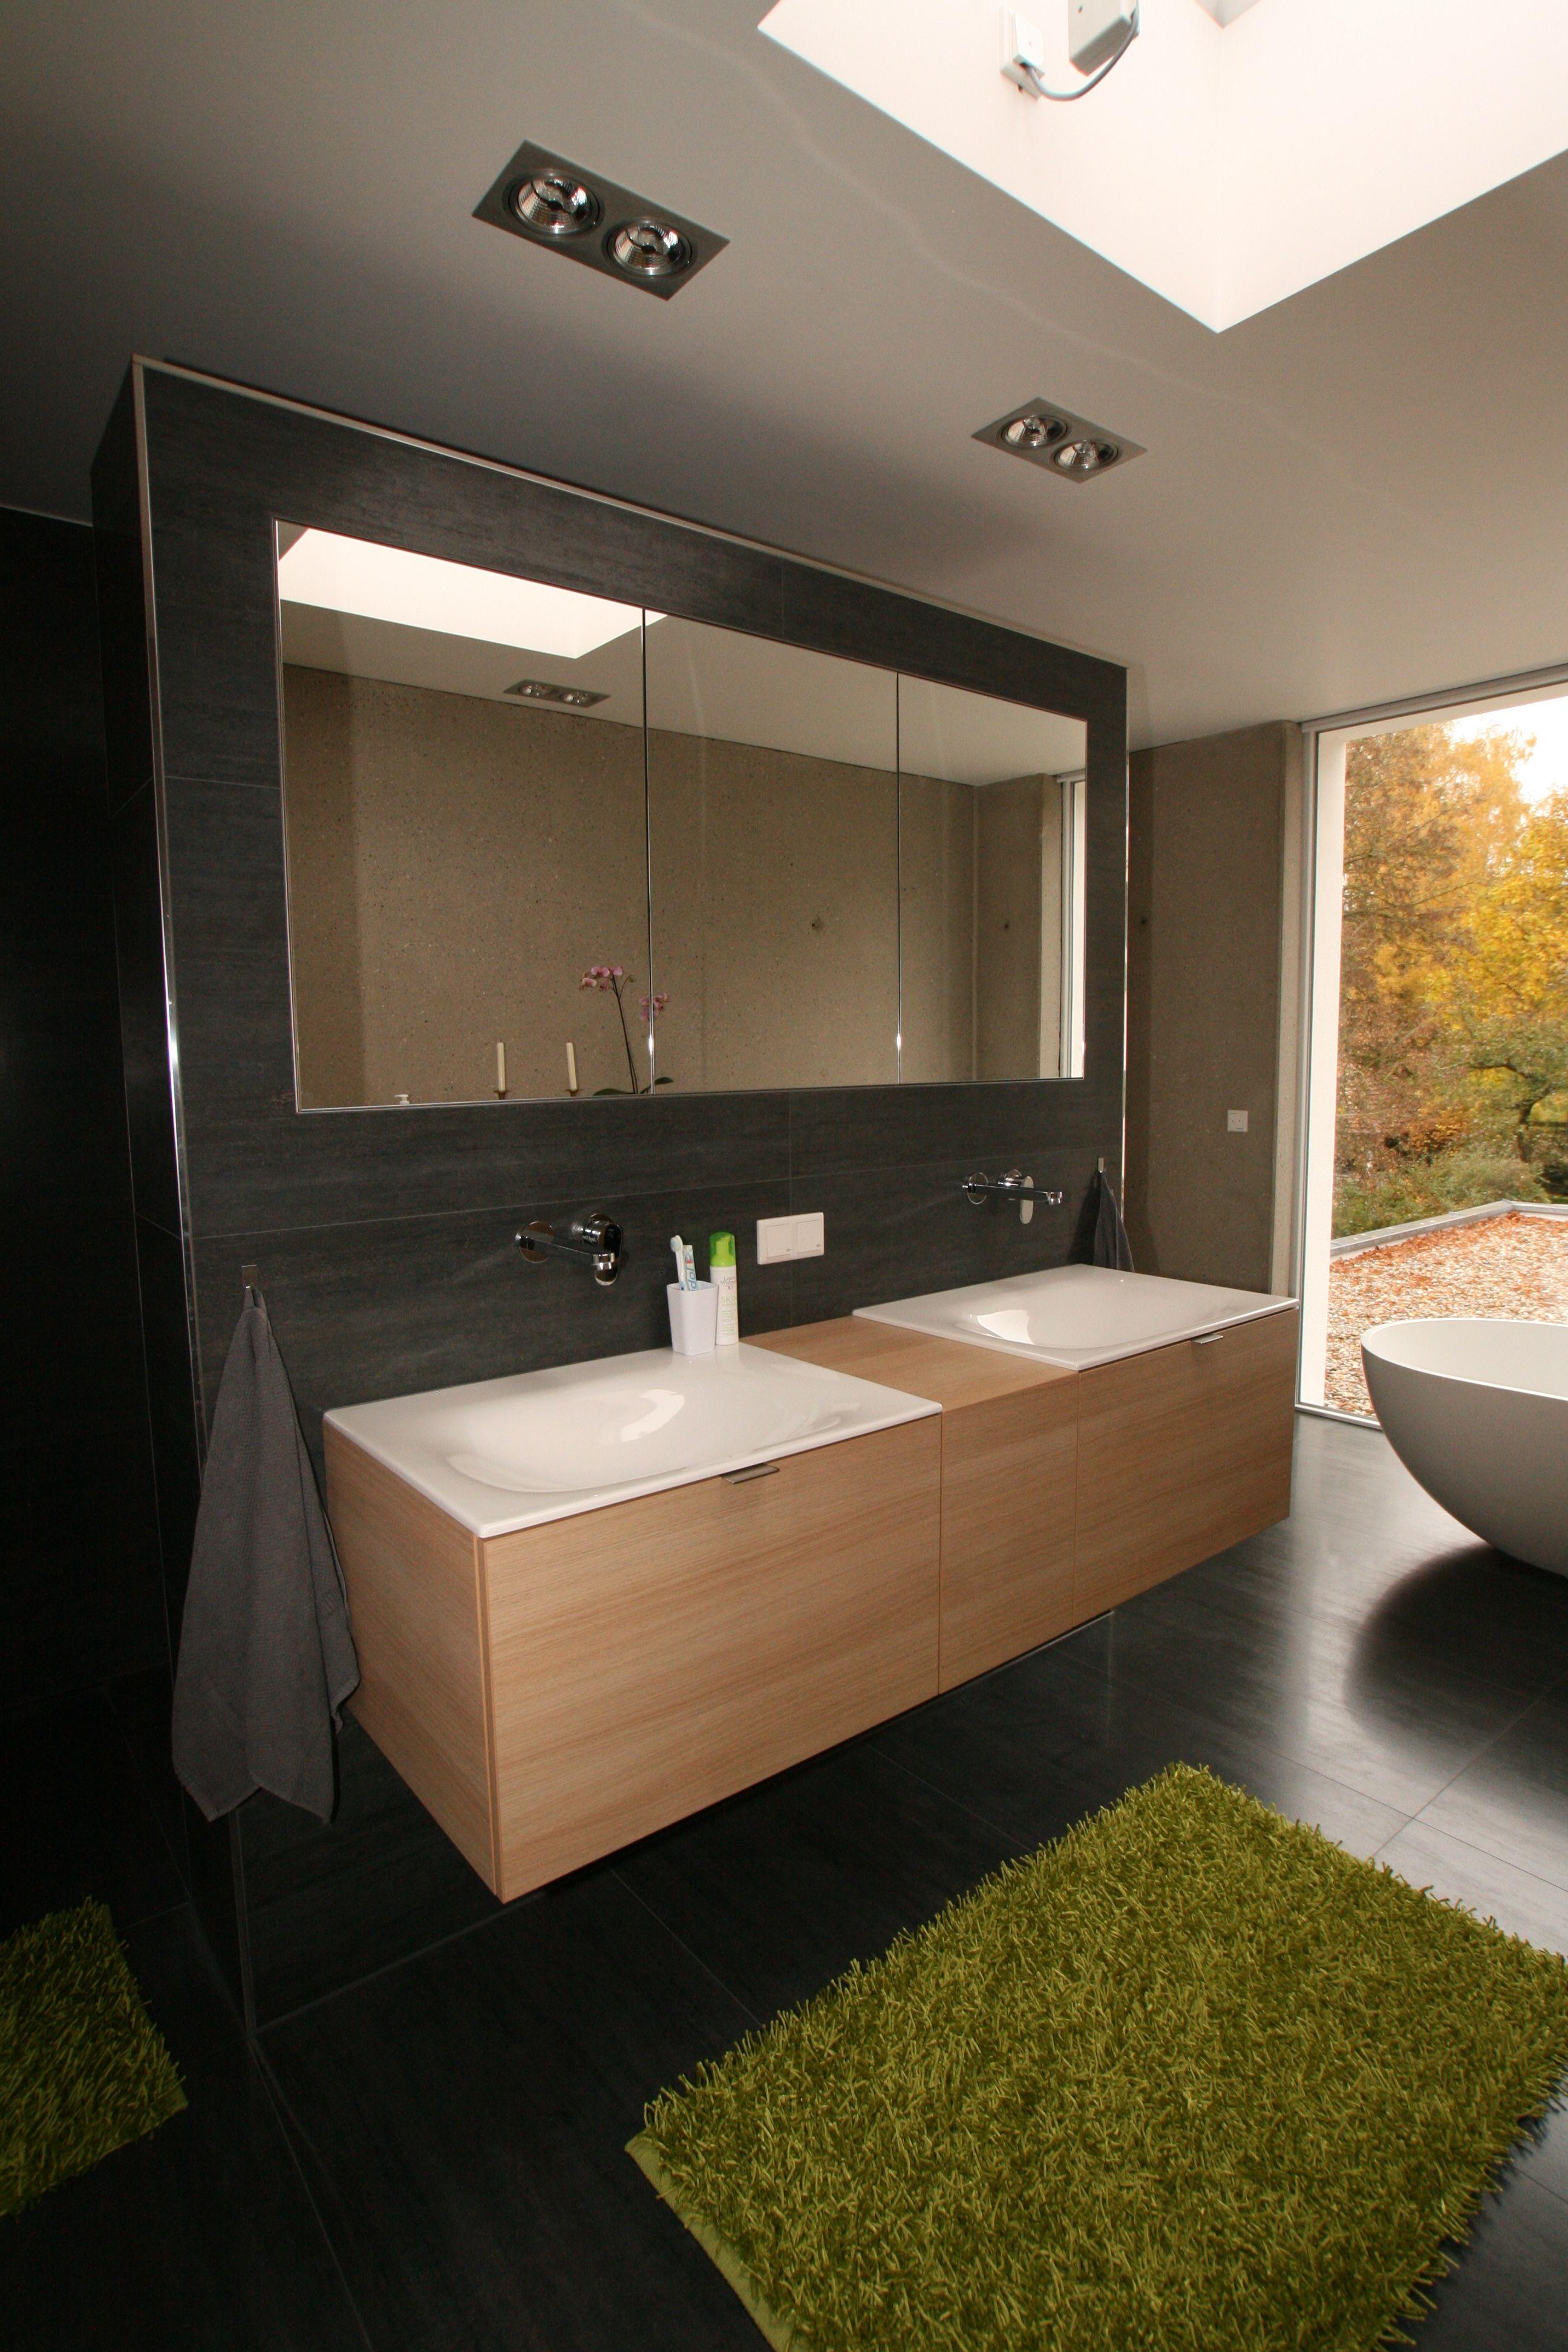 Modernes Badmobel Badezimmer Badezimmer Innenausstattung Doppelwaschbecken Badezimmer